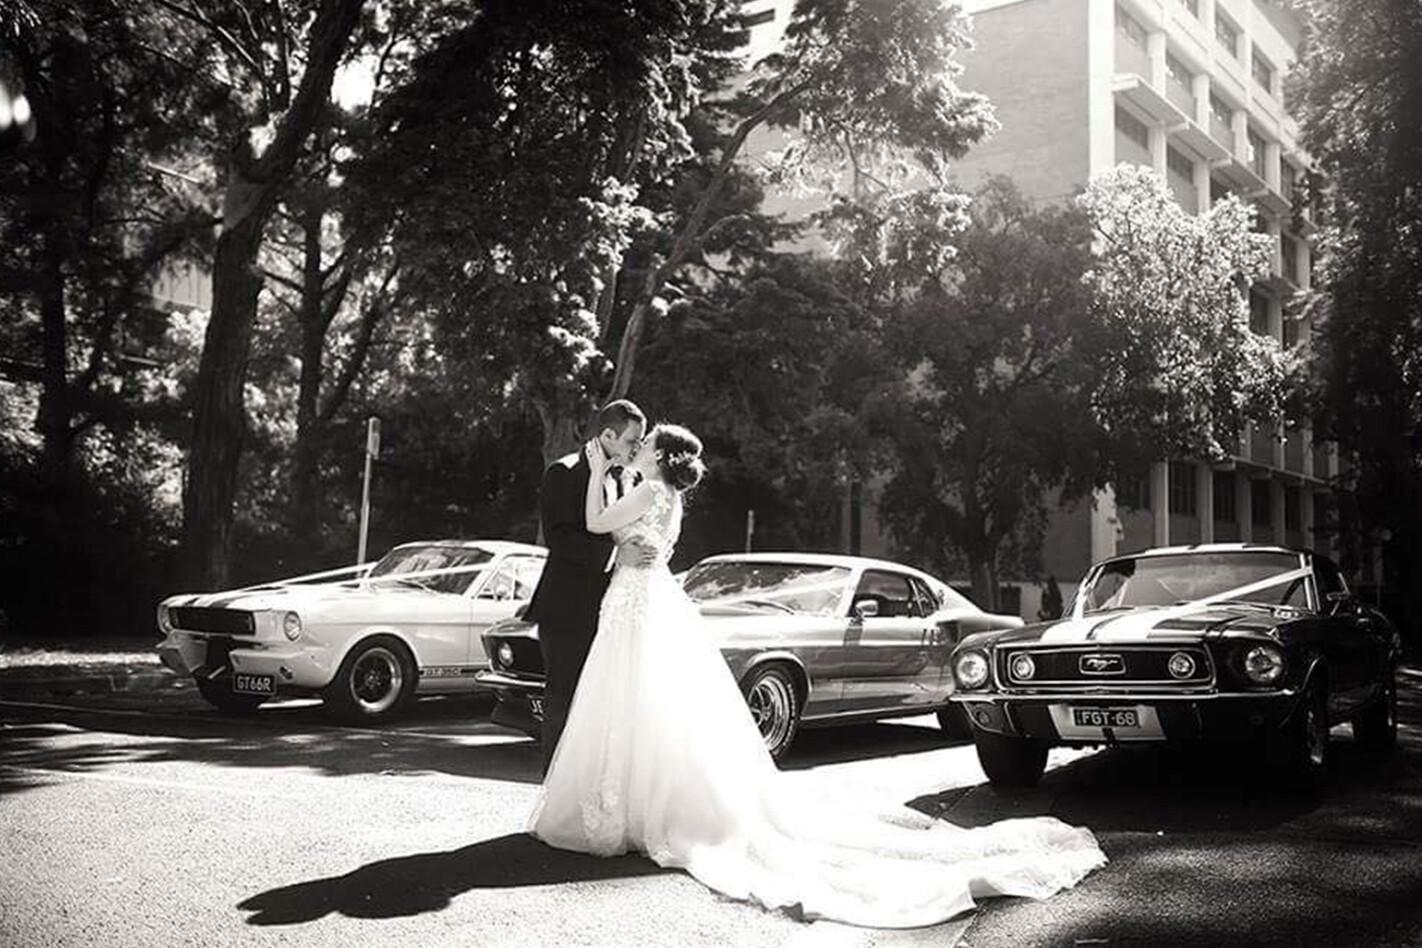 Tony Assaf's wedding cars